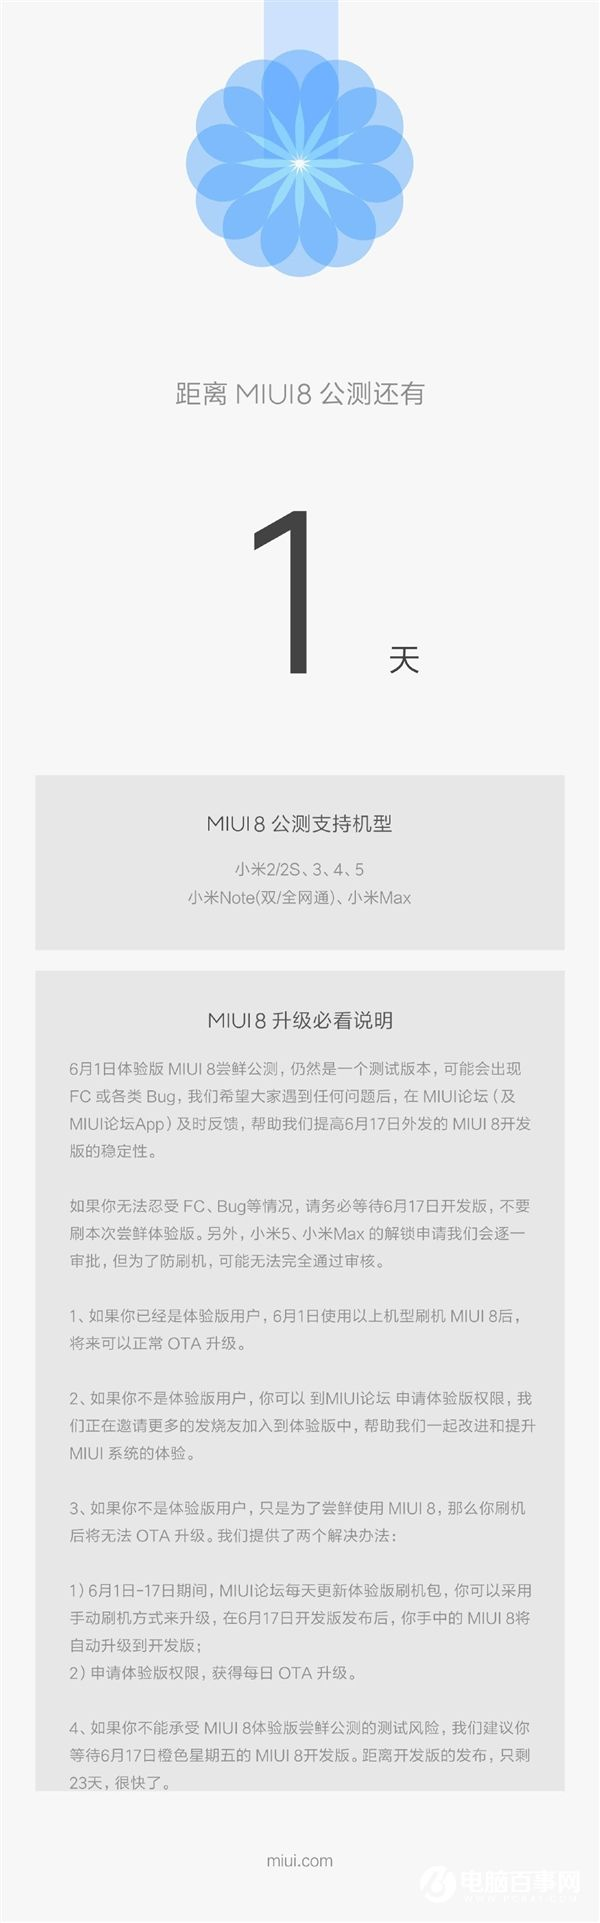 MIUI8体验版升级需要注意哪些 MIUI8体验版升级必看